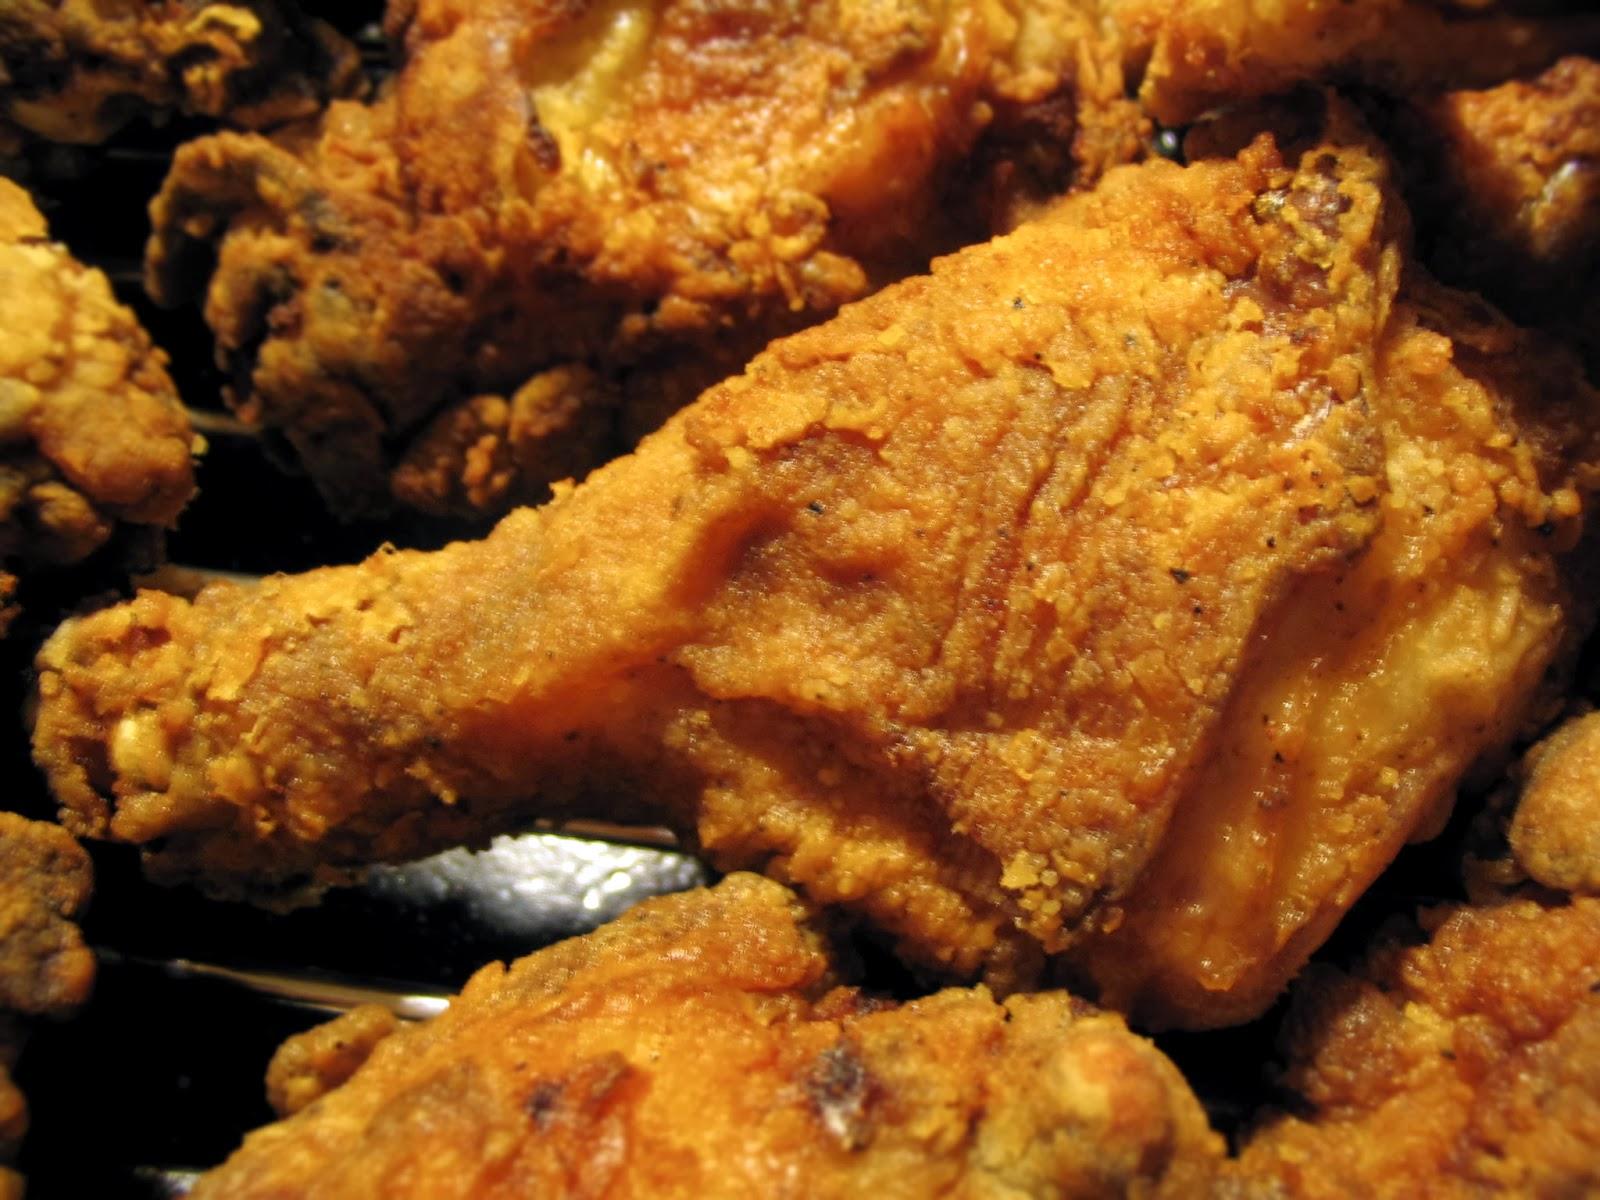 Resep Masakan Ayam Goreng Gurih Praktis Enak